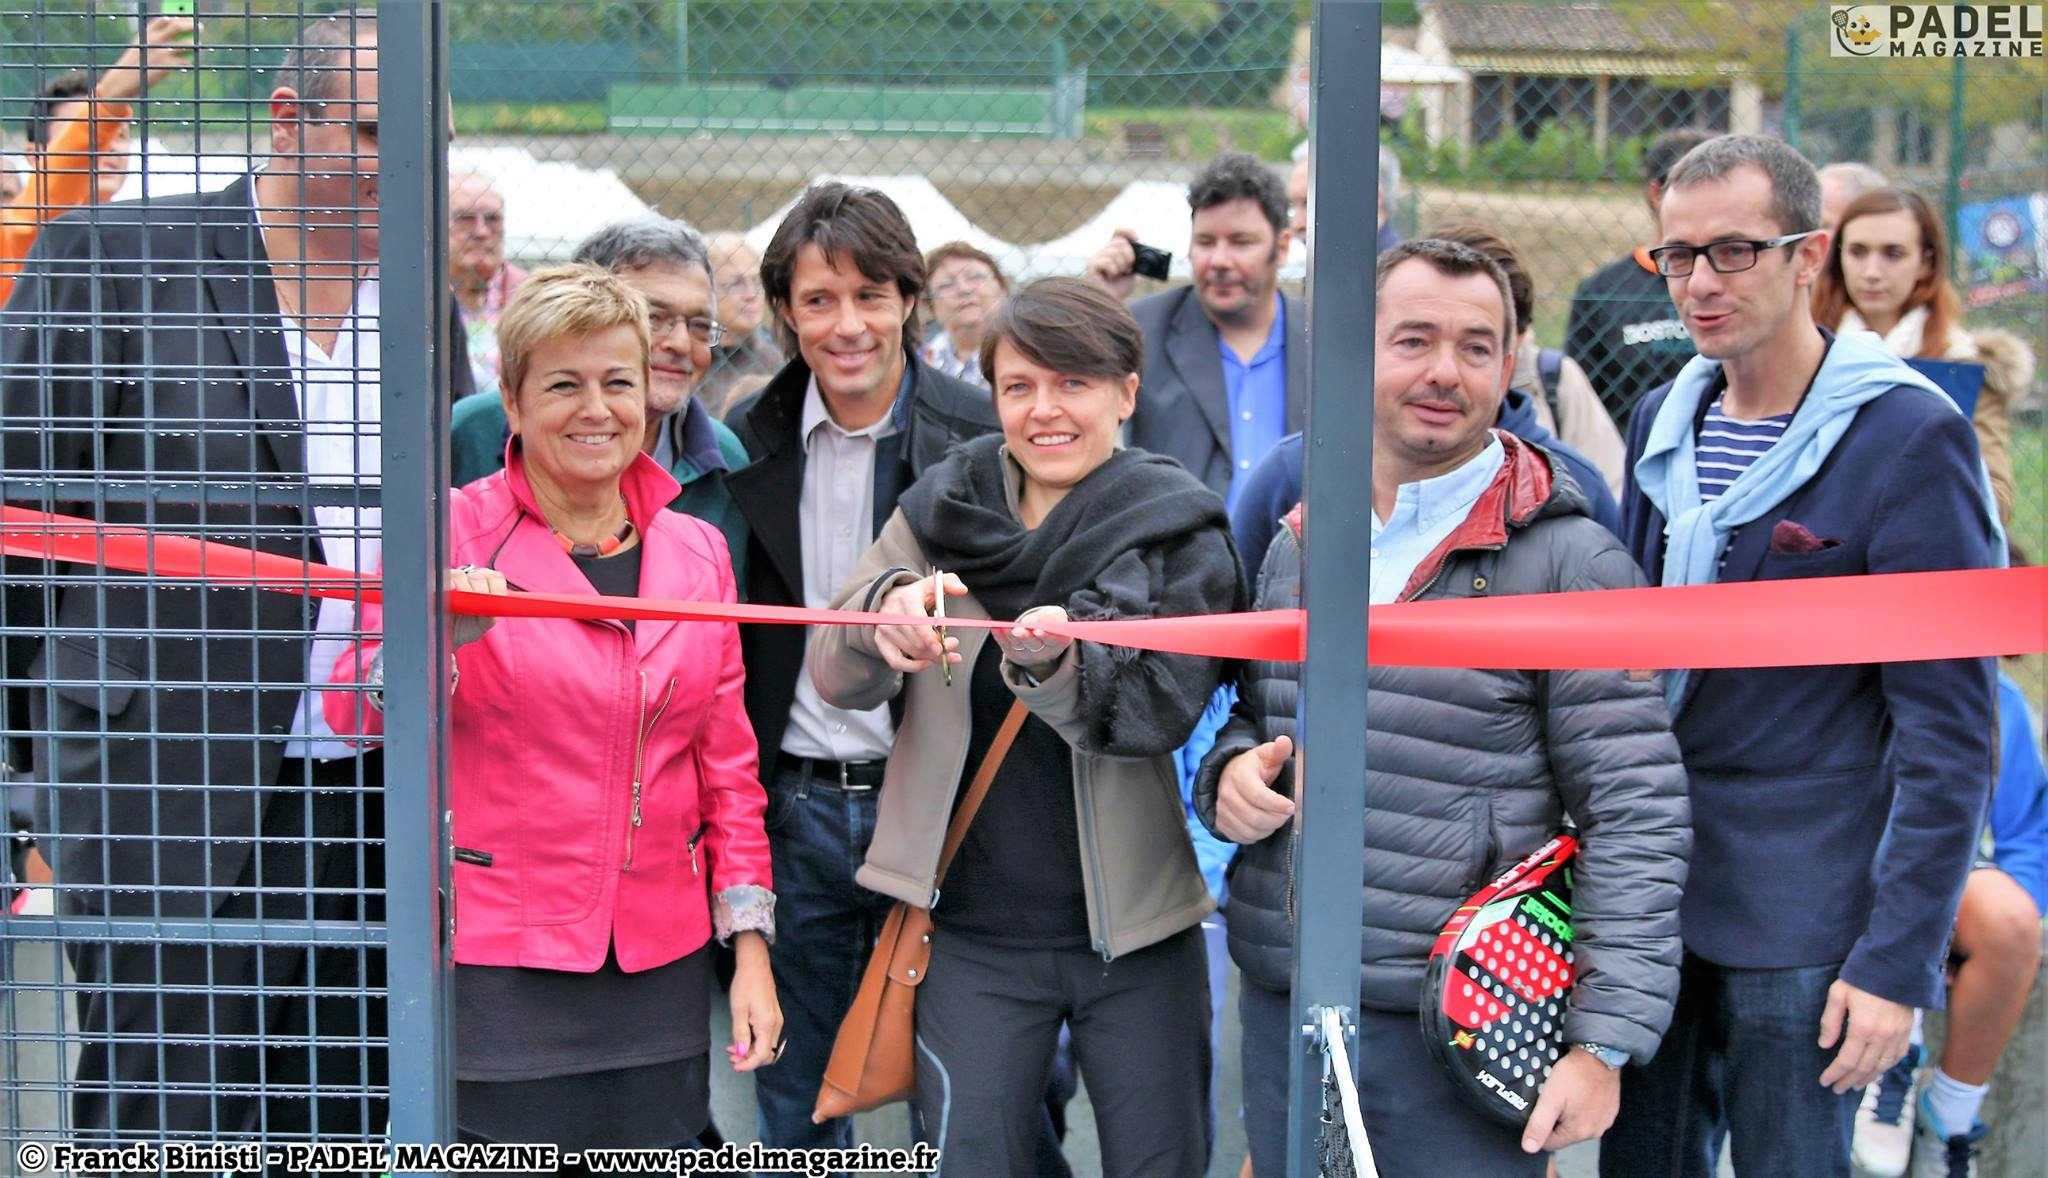 Le Tennis Club de Mouans Sartoux inaugure ses 2 premiers padel